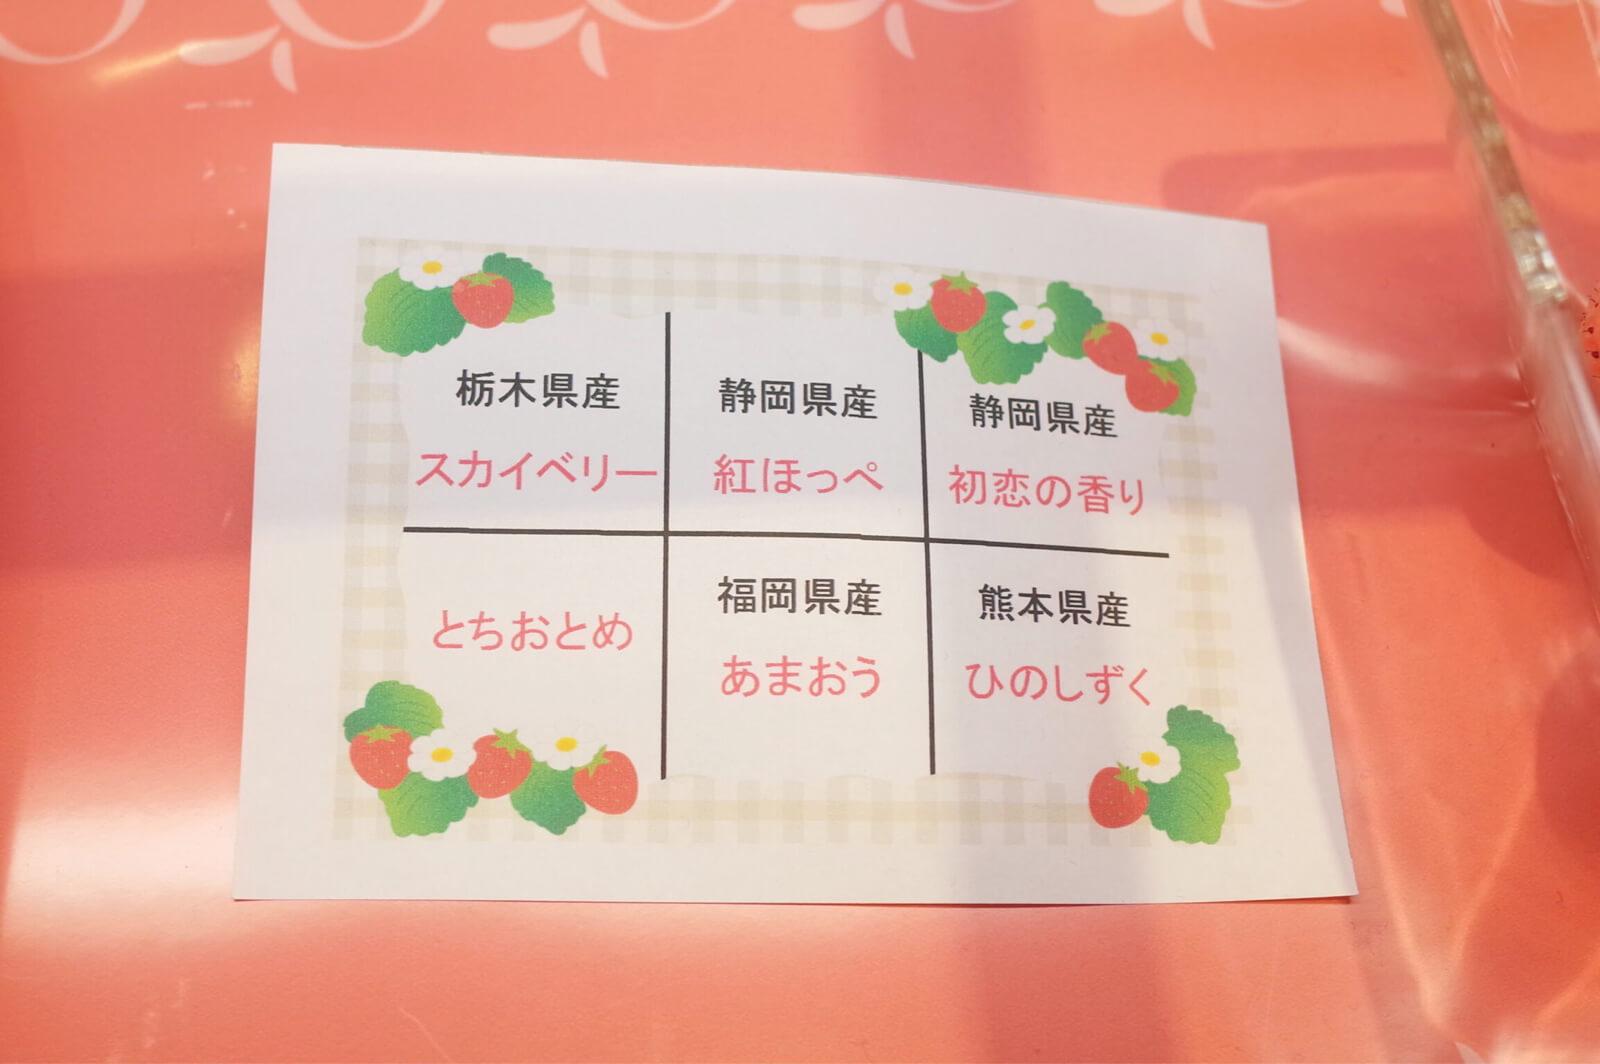 高野フルーツパーラー 新宿本店 苺の日